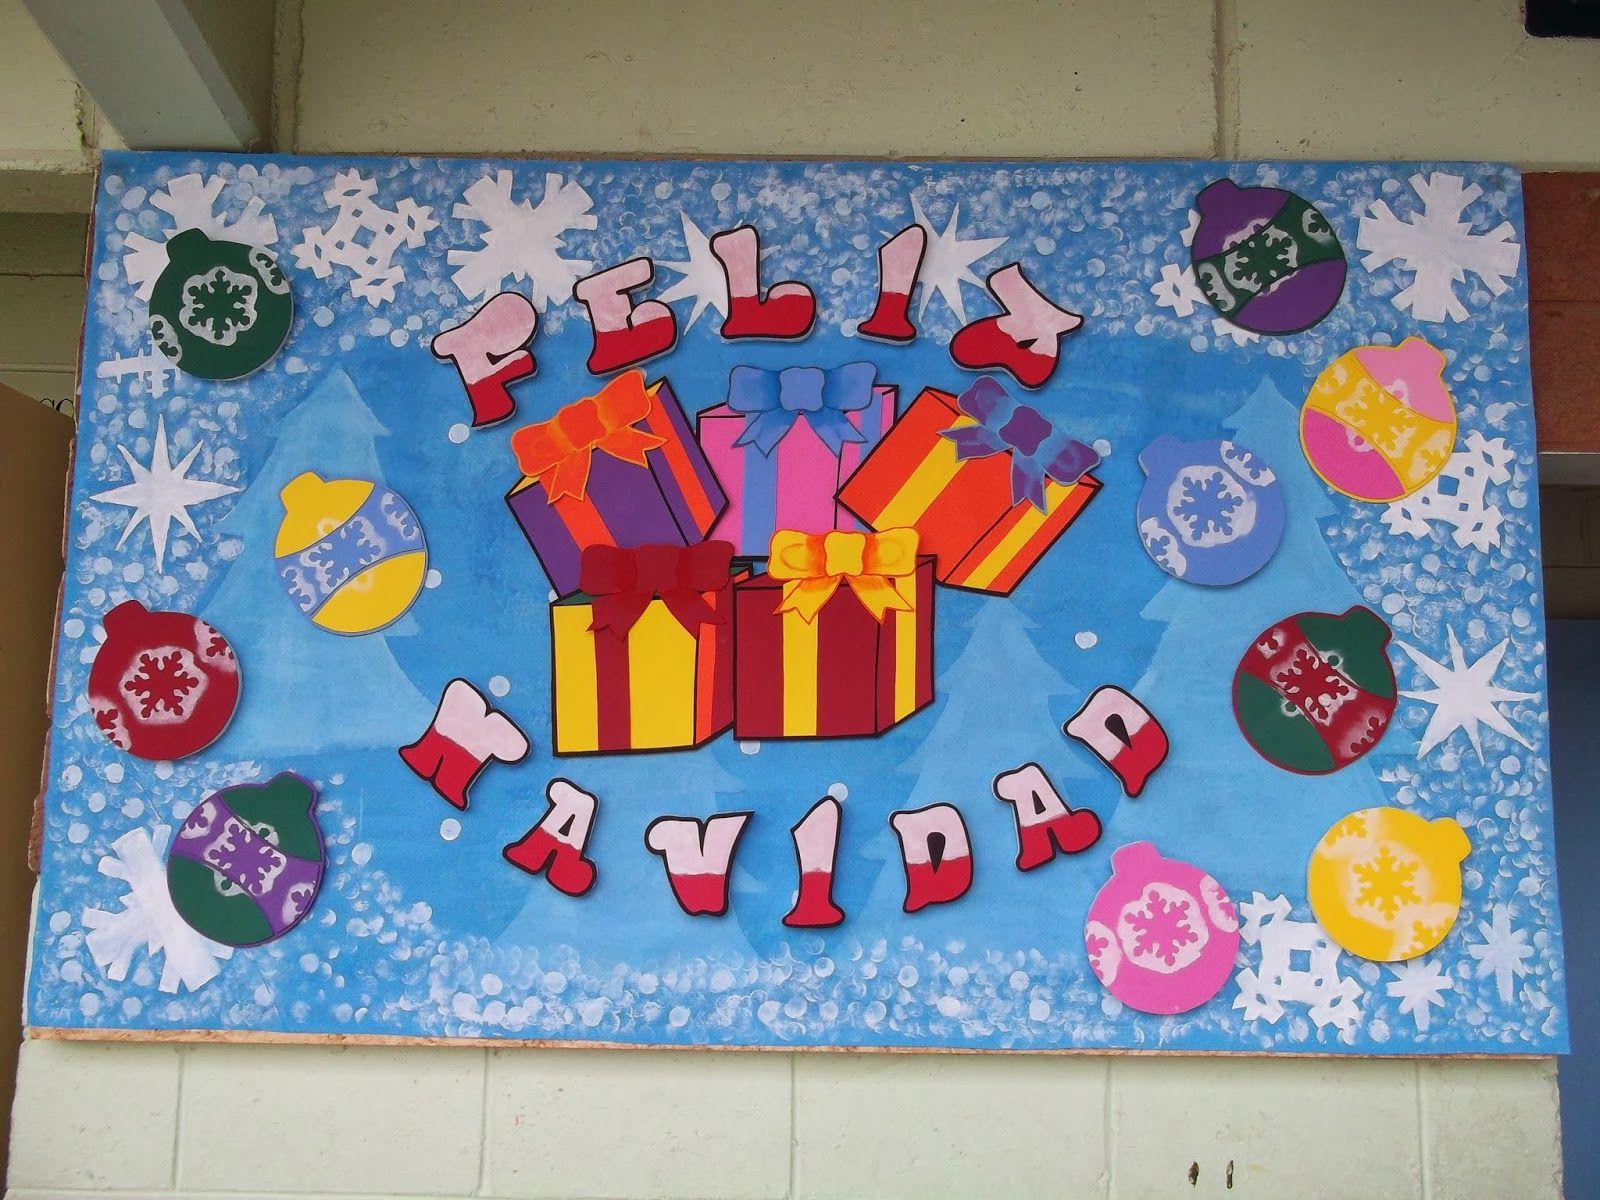 Decoraciones infantiles the teacher diciembre for El mural de anuncios